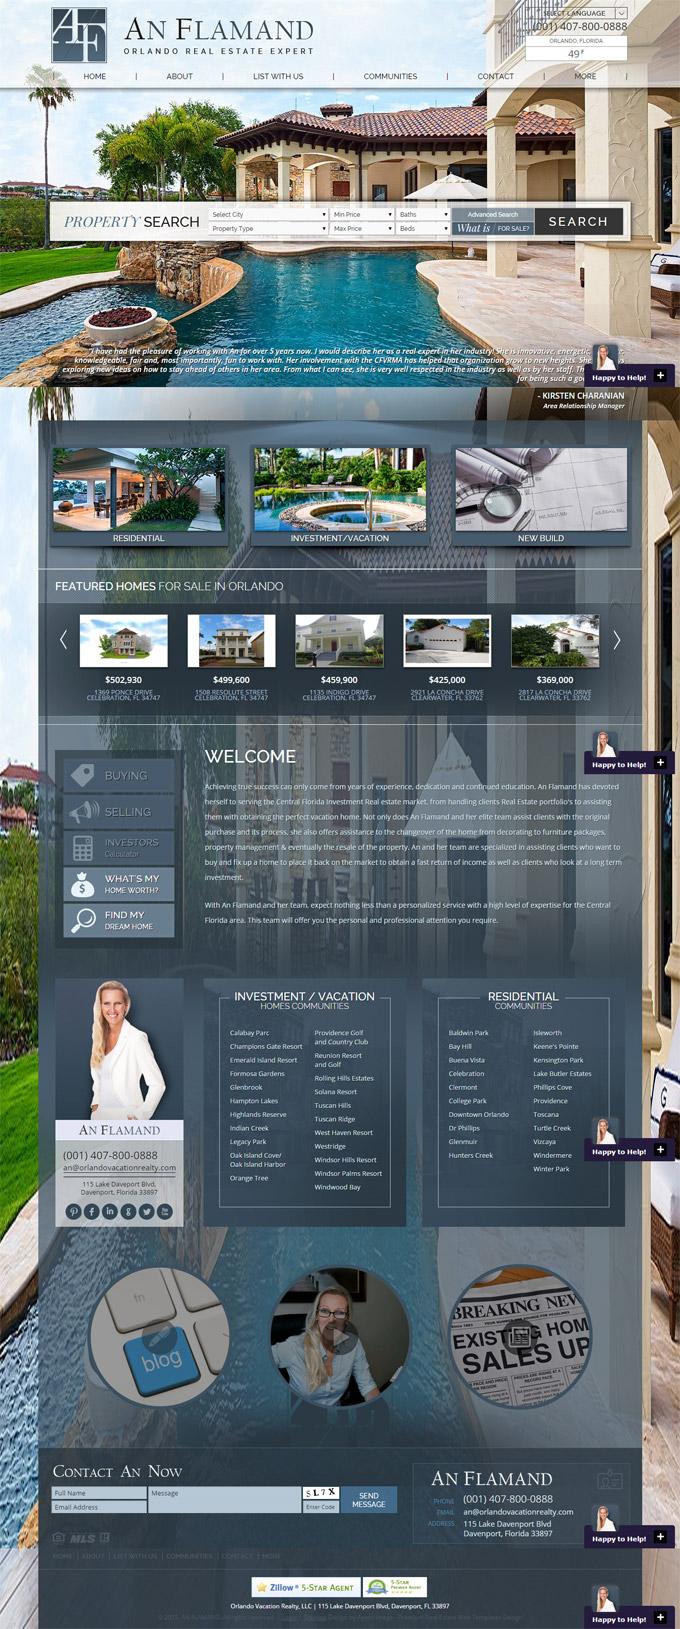 An Flamand's website